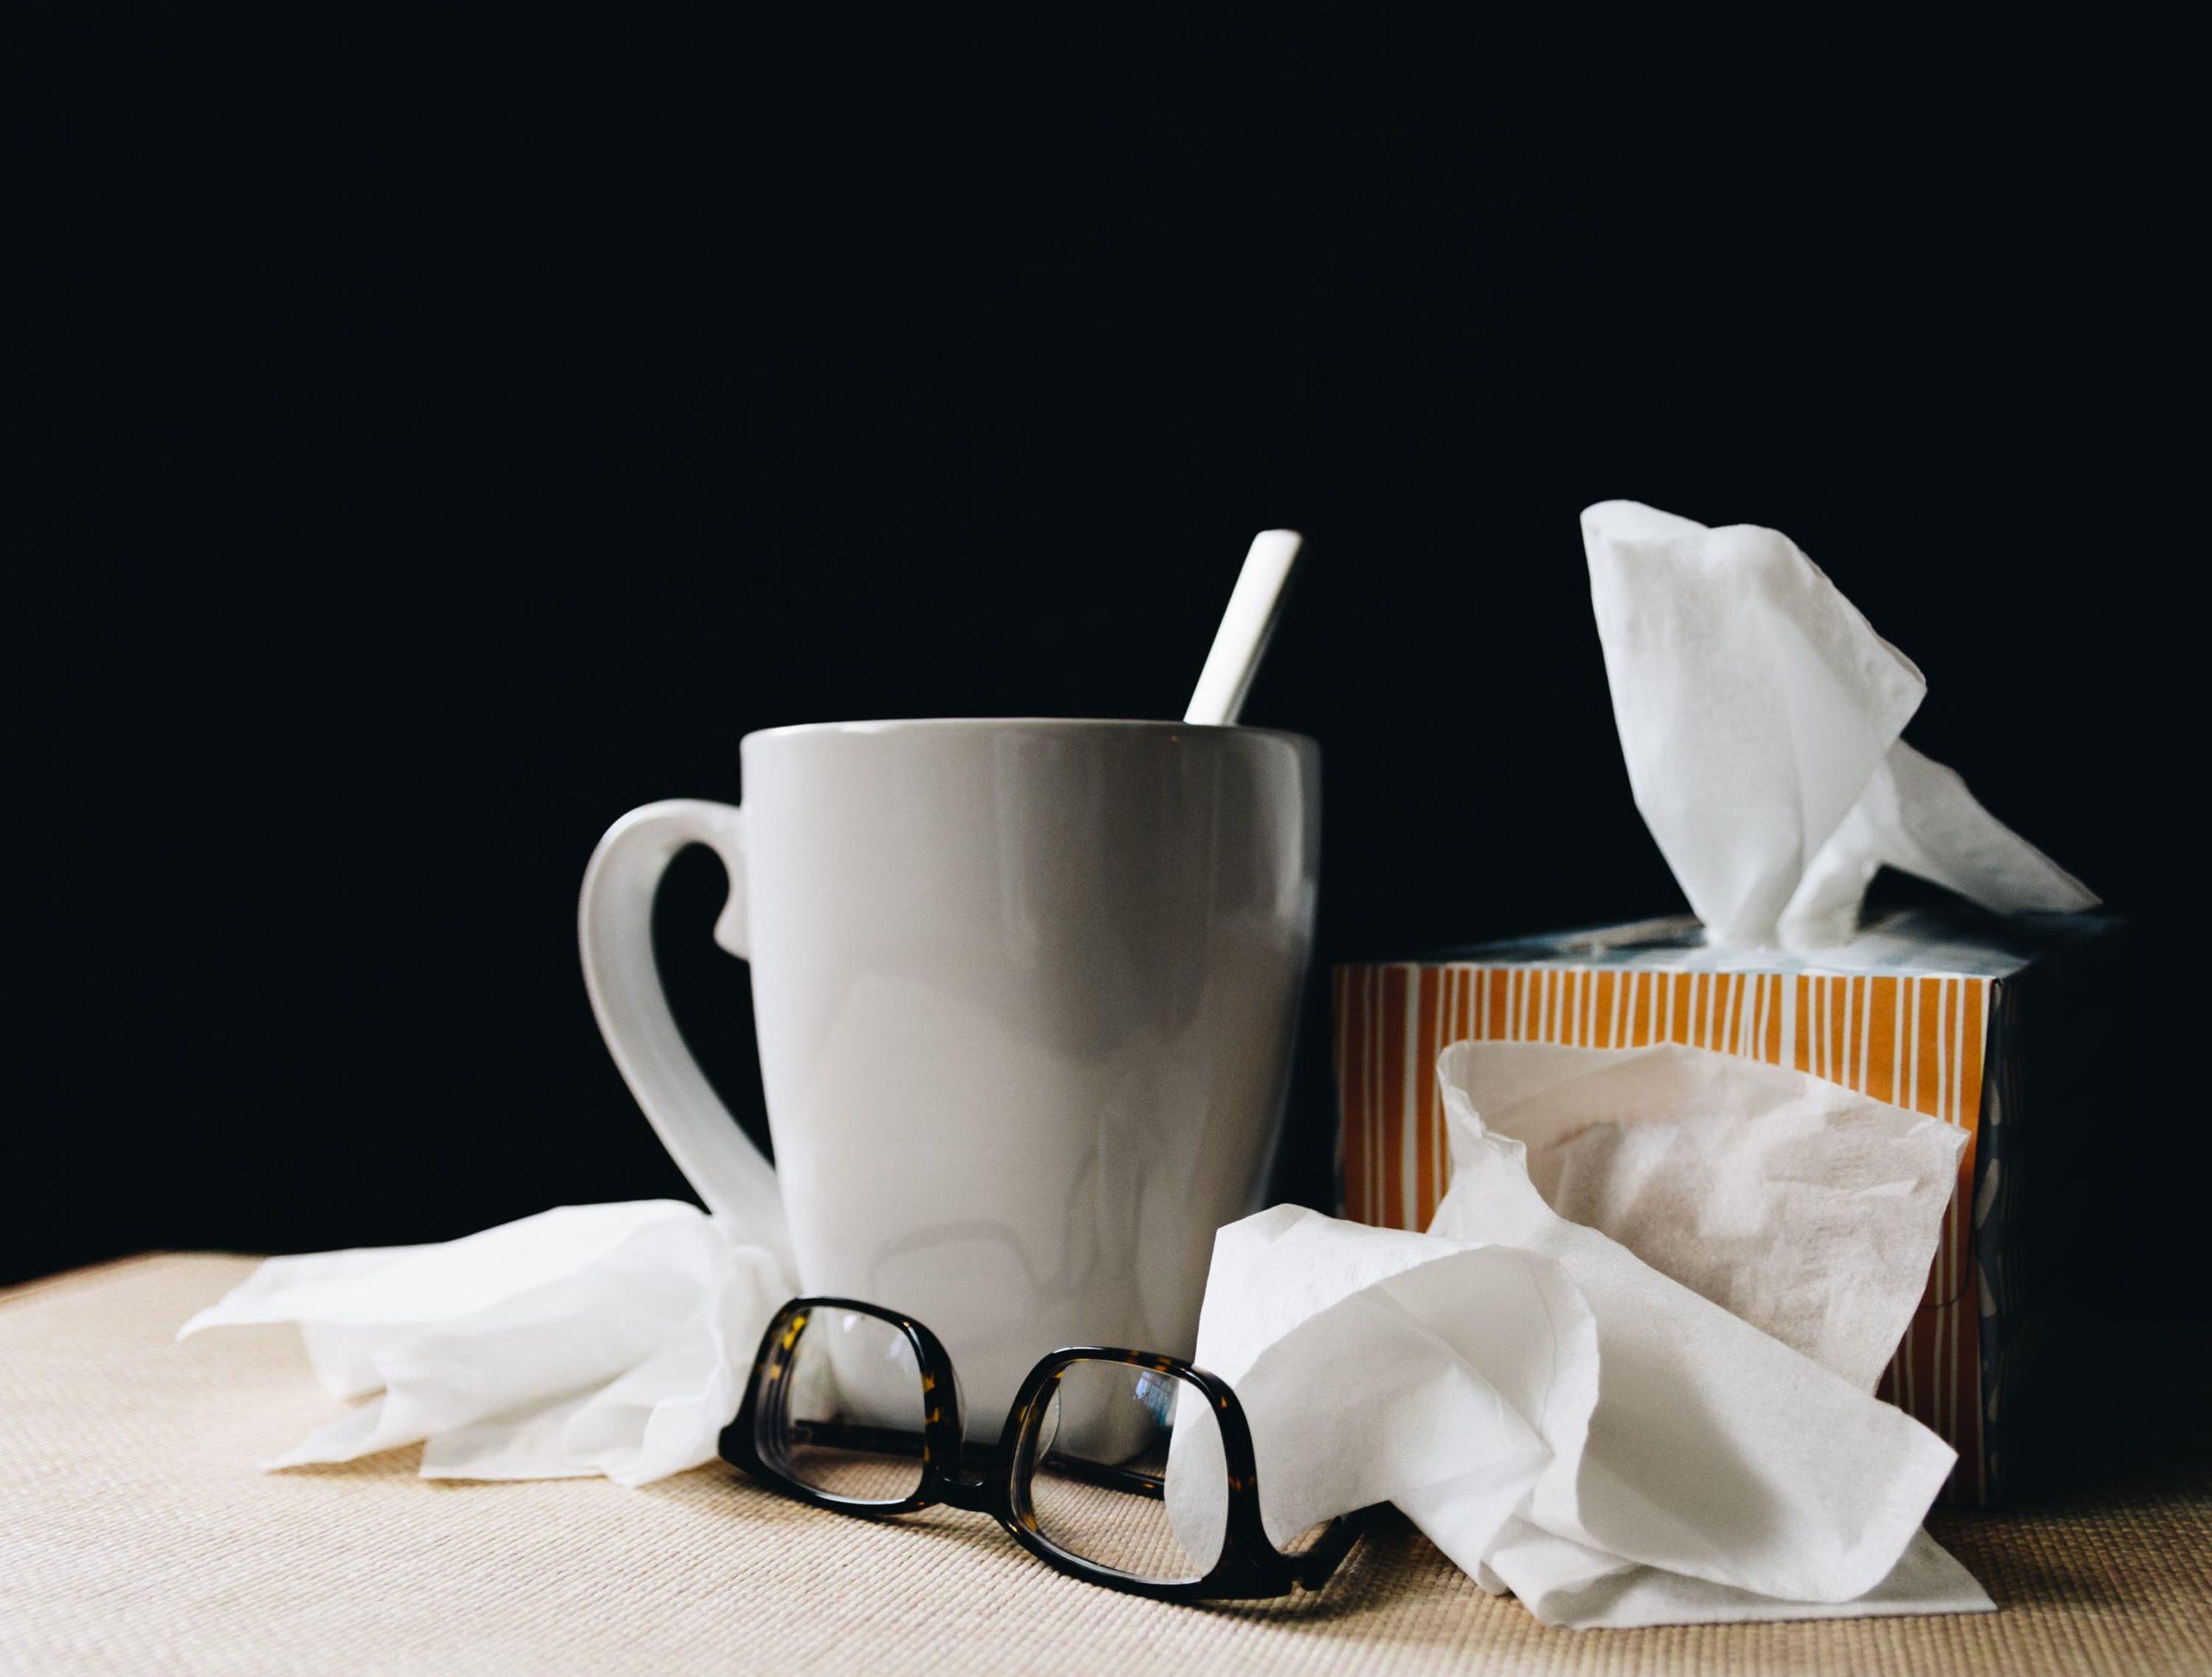 ¿Cómo evitar contagios?